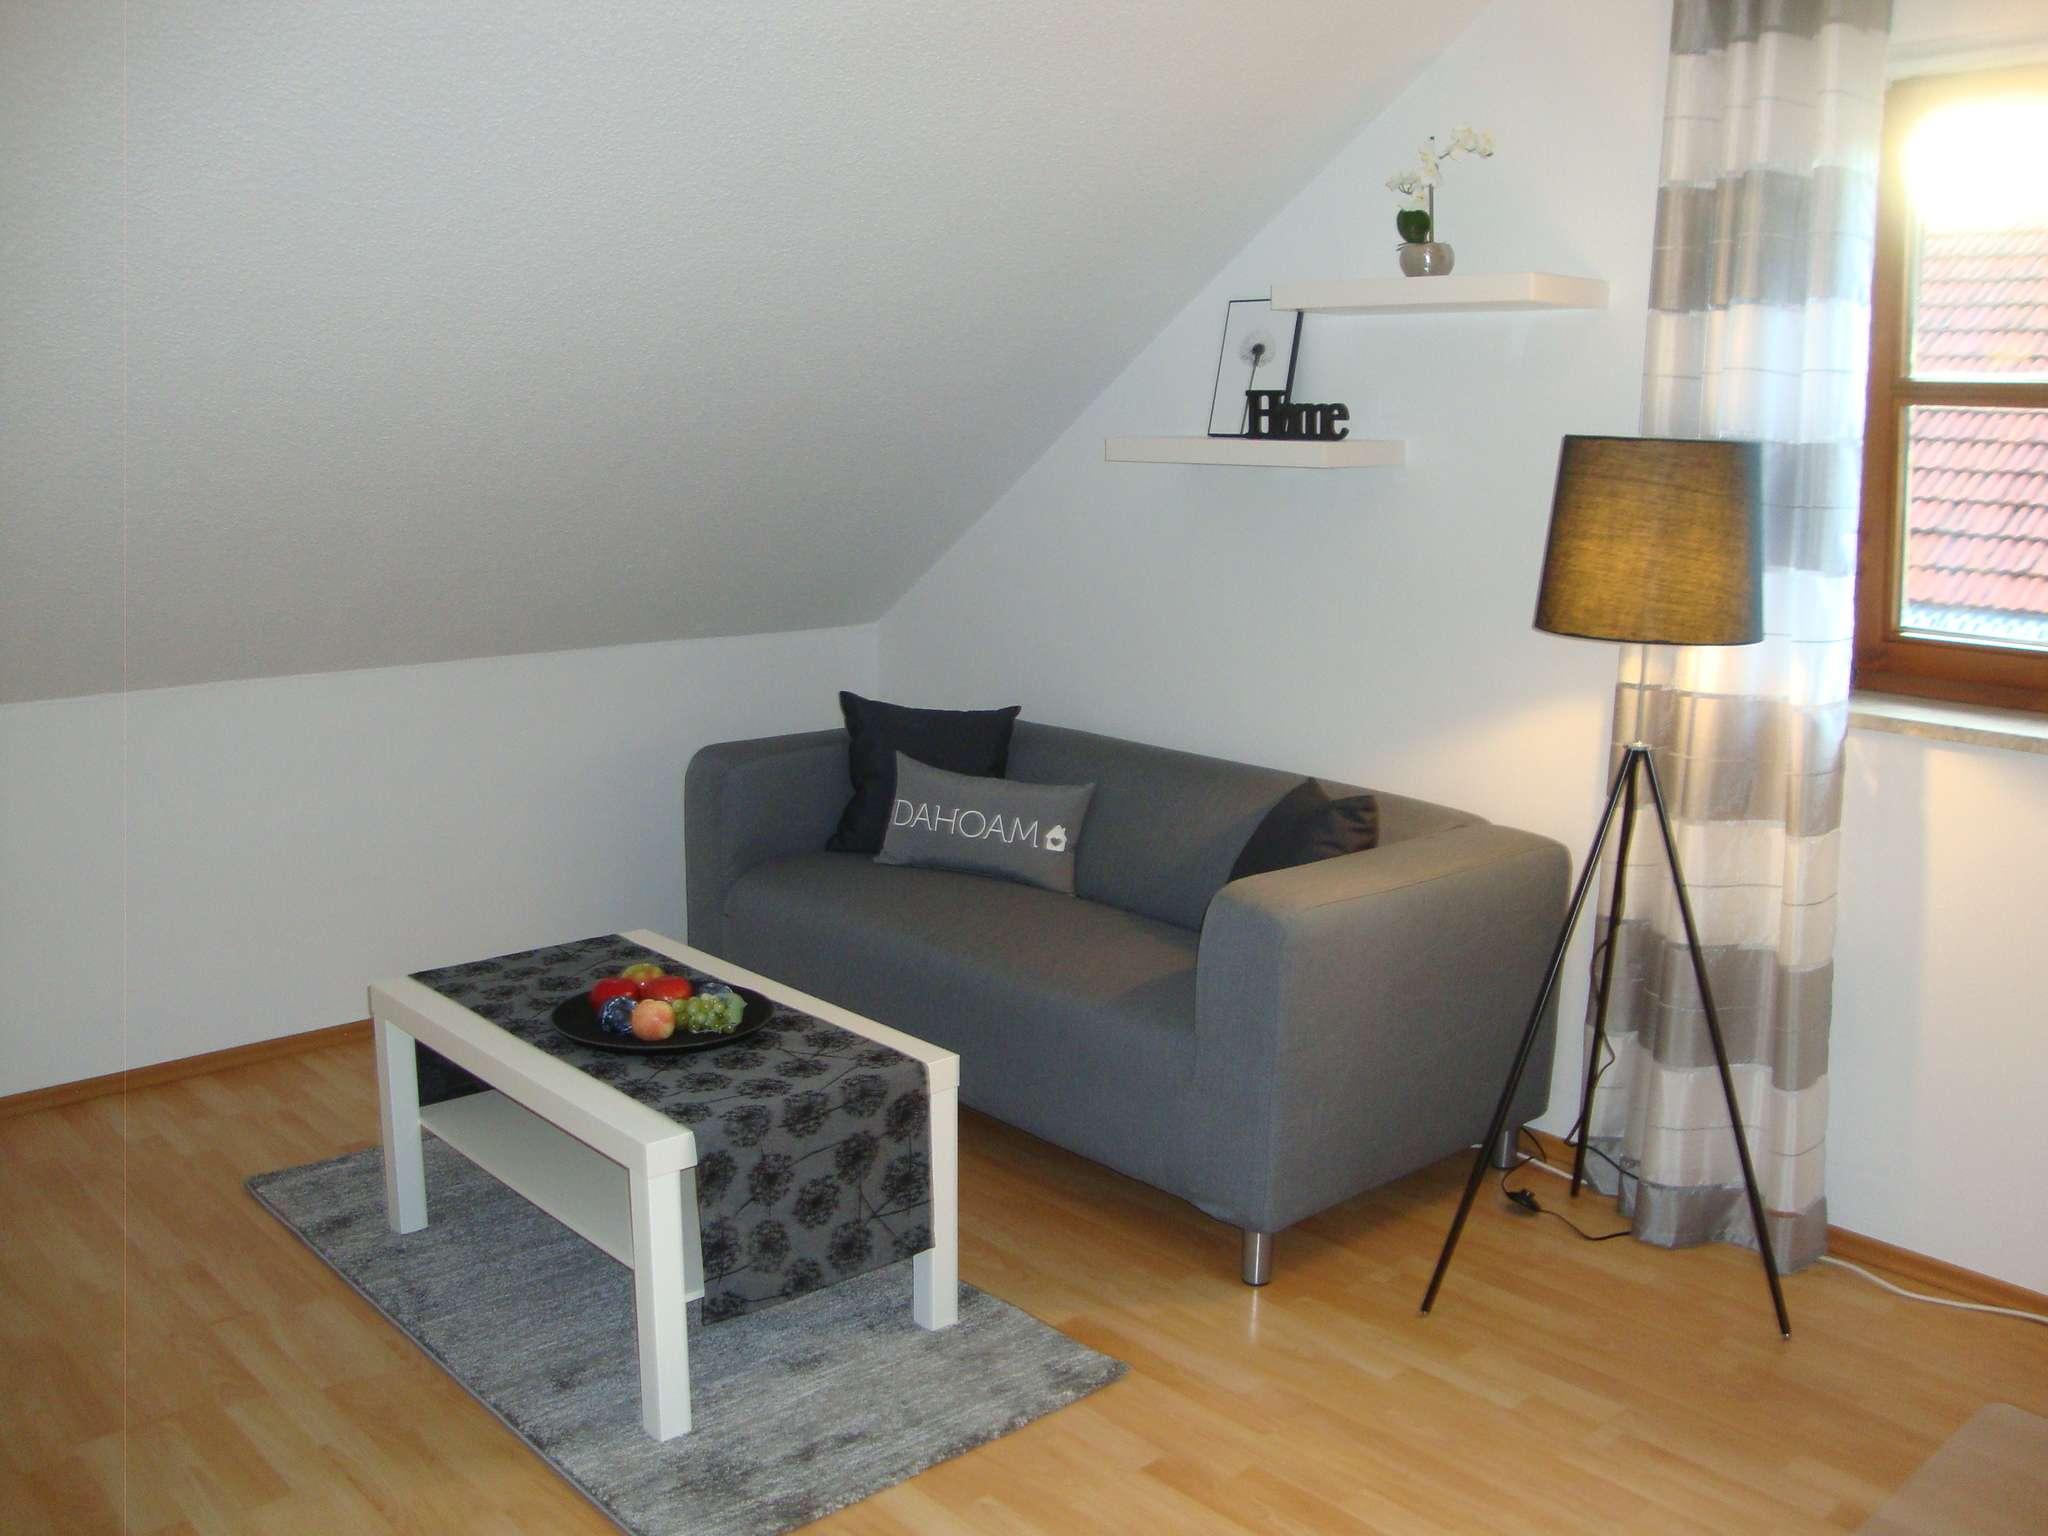 Komplett ausgestattete, helle 1,5 Zimmer Wohnung, provisionsfrei in Ismaning